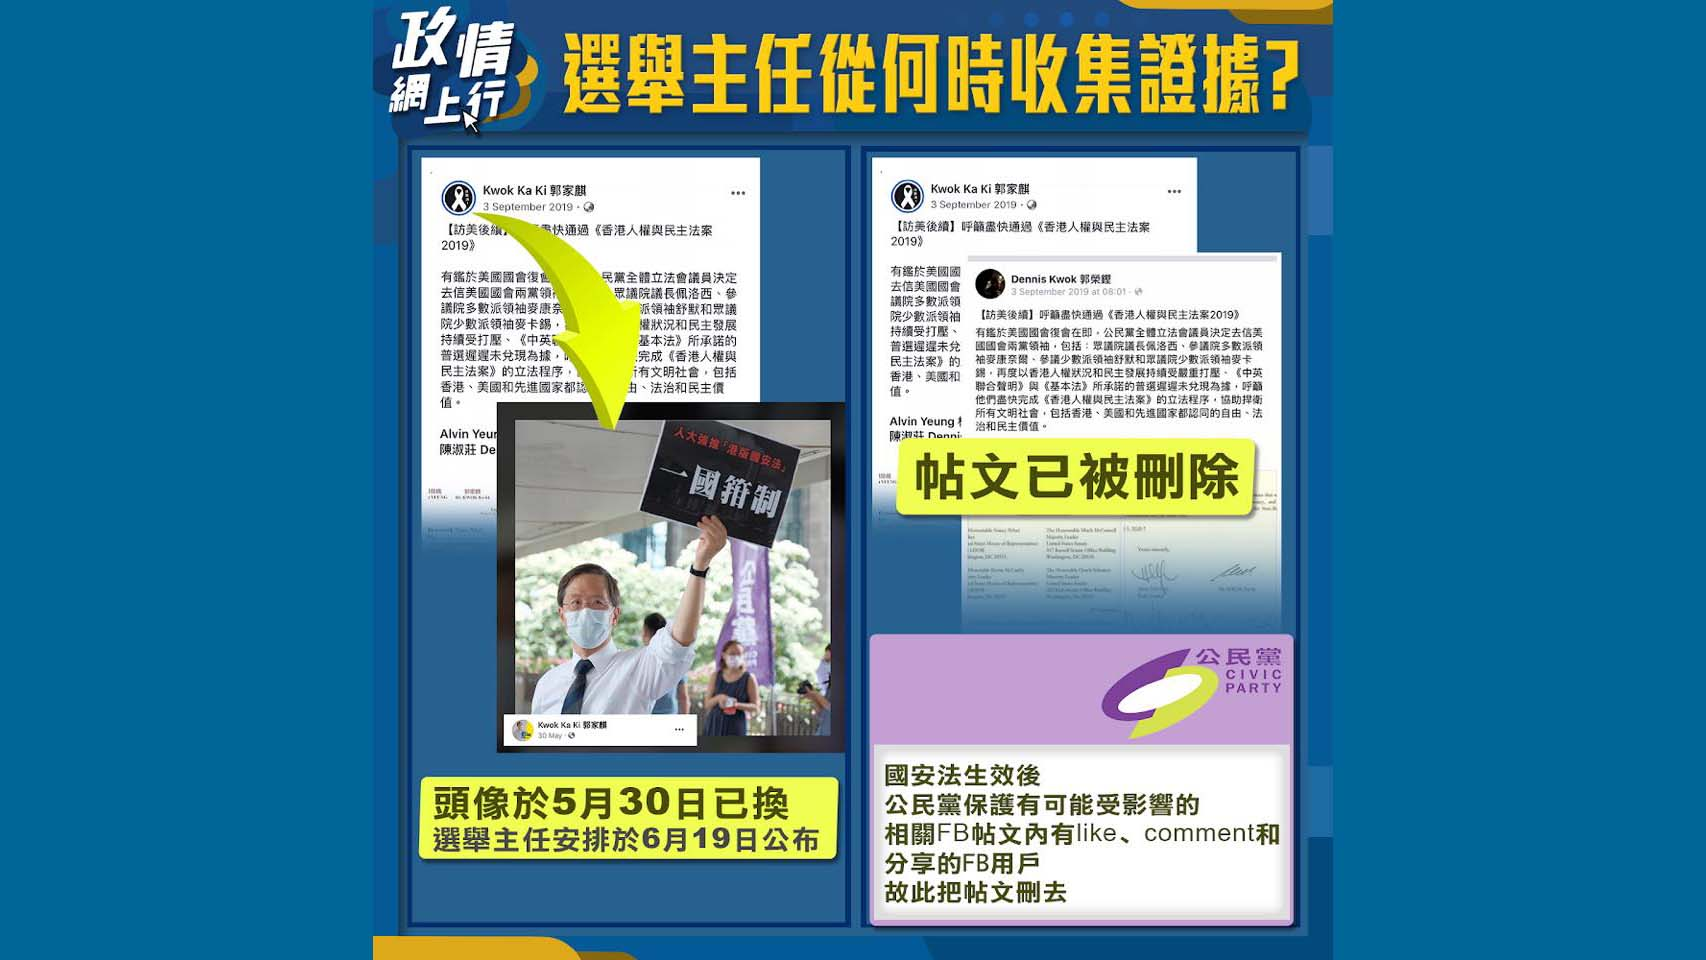 【政情網上行】選舉主任從何時收集證據?